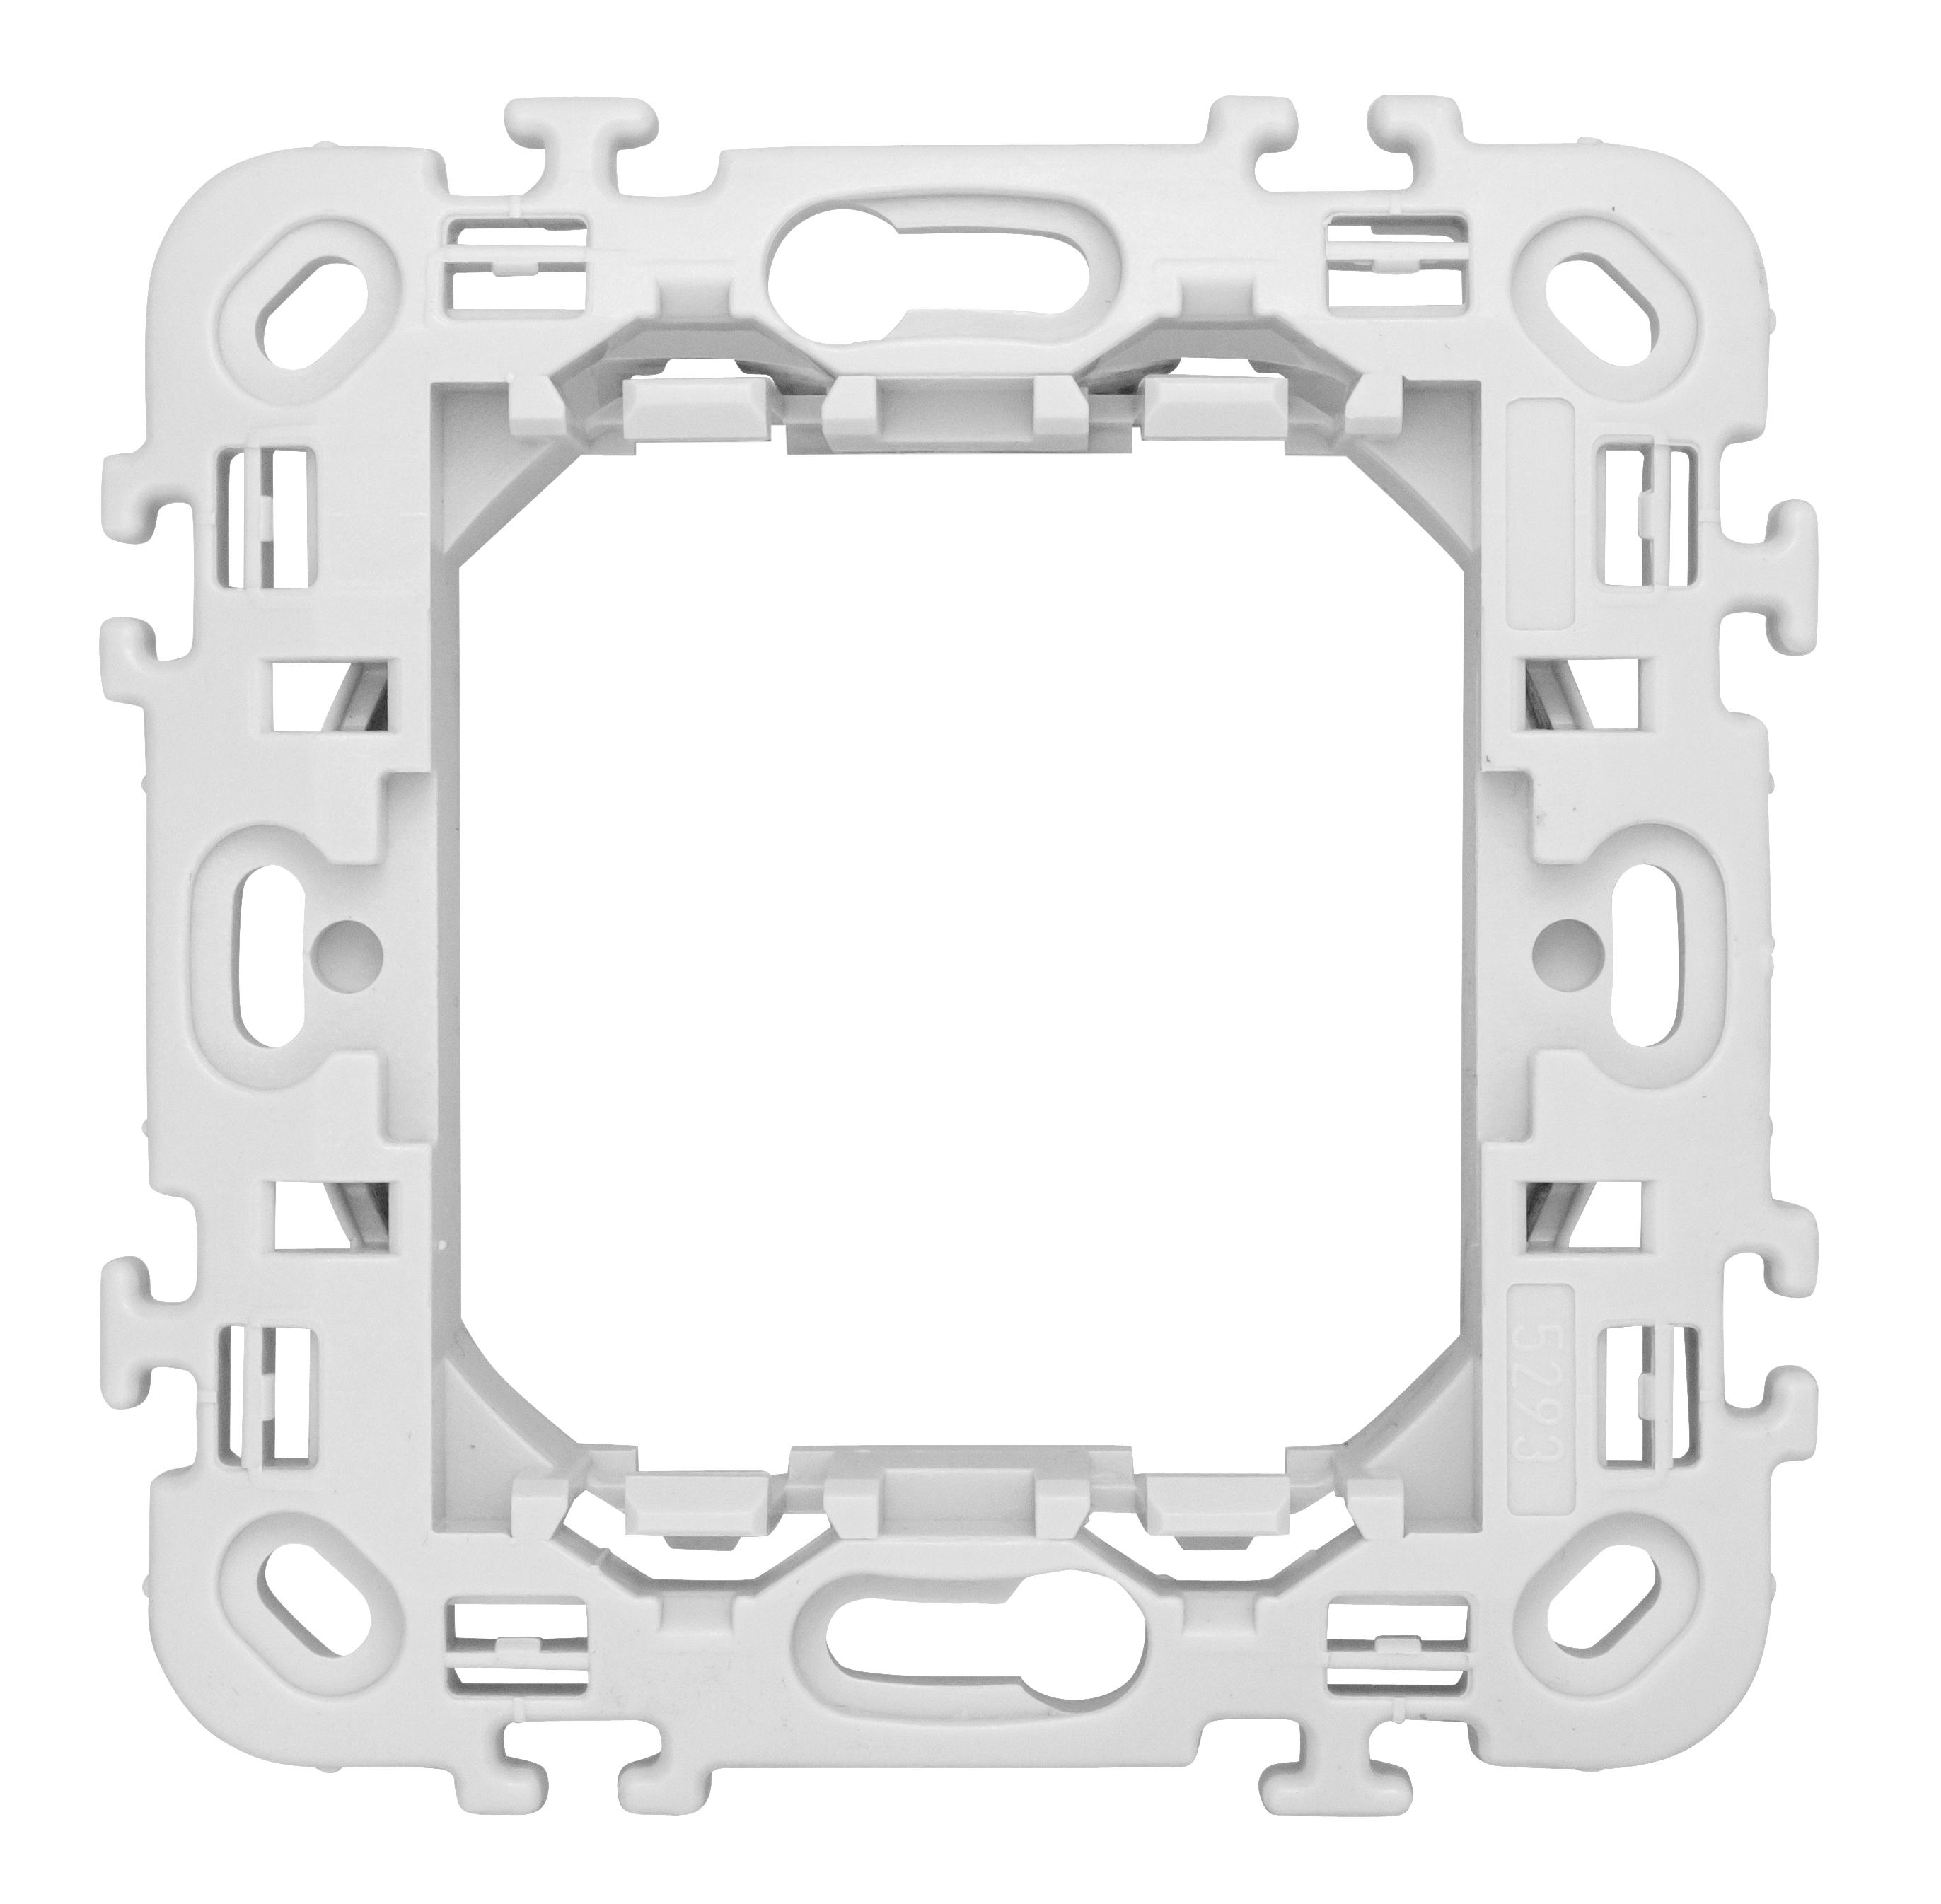 1 Stk Montagerahmen ohne Krallen 2M ET105004--